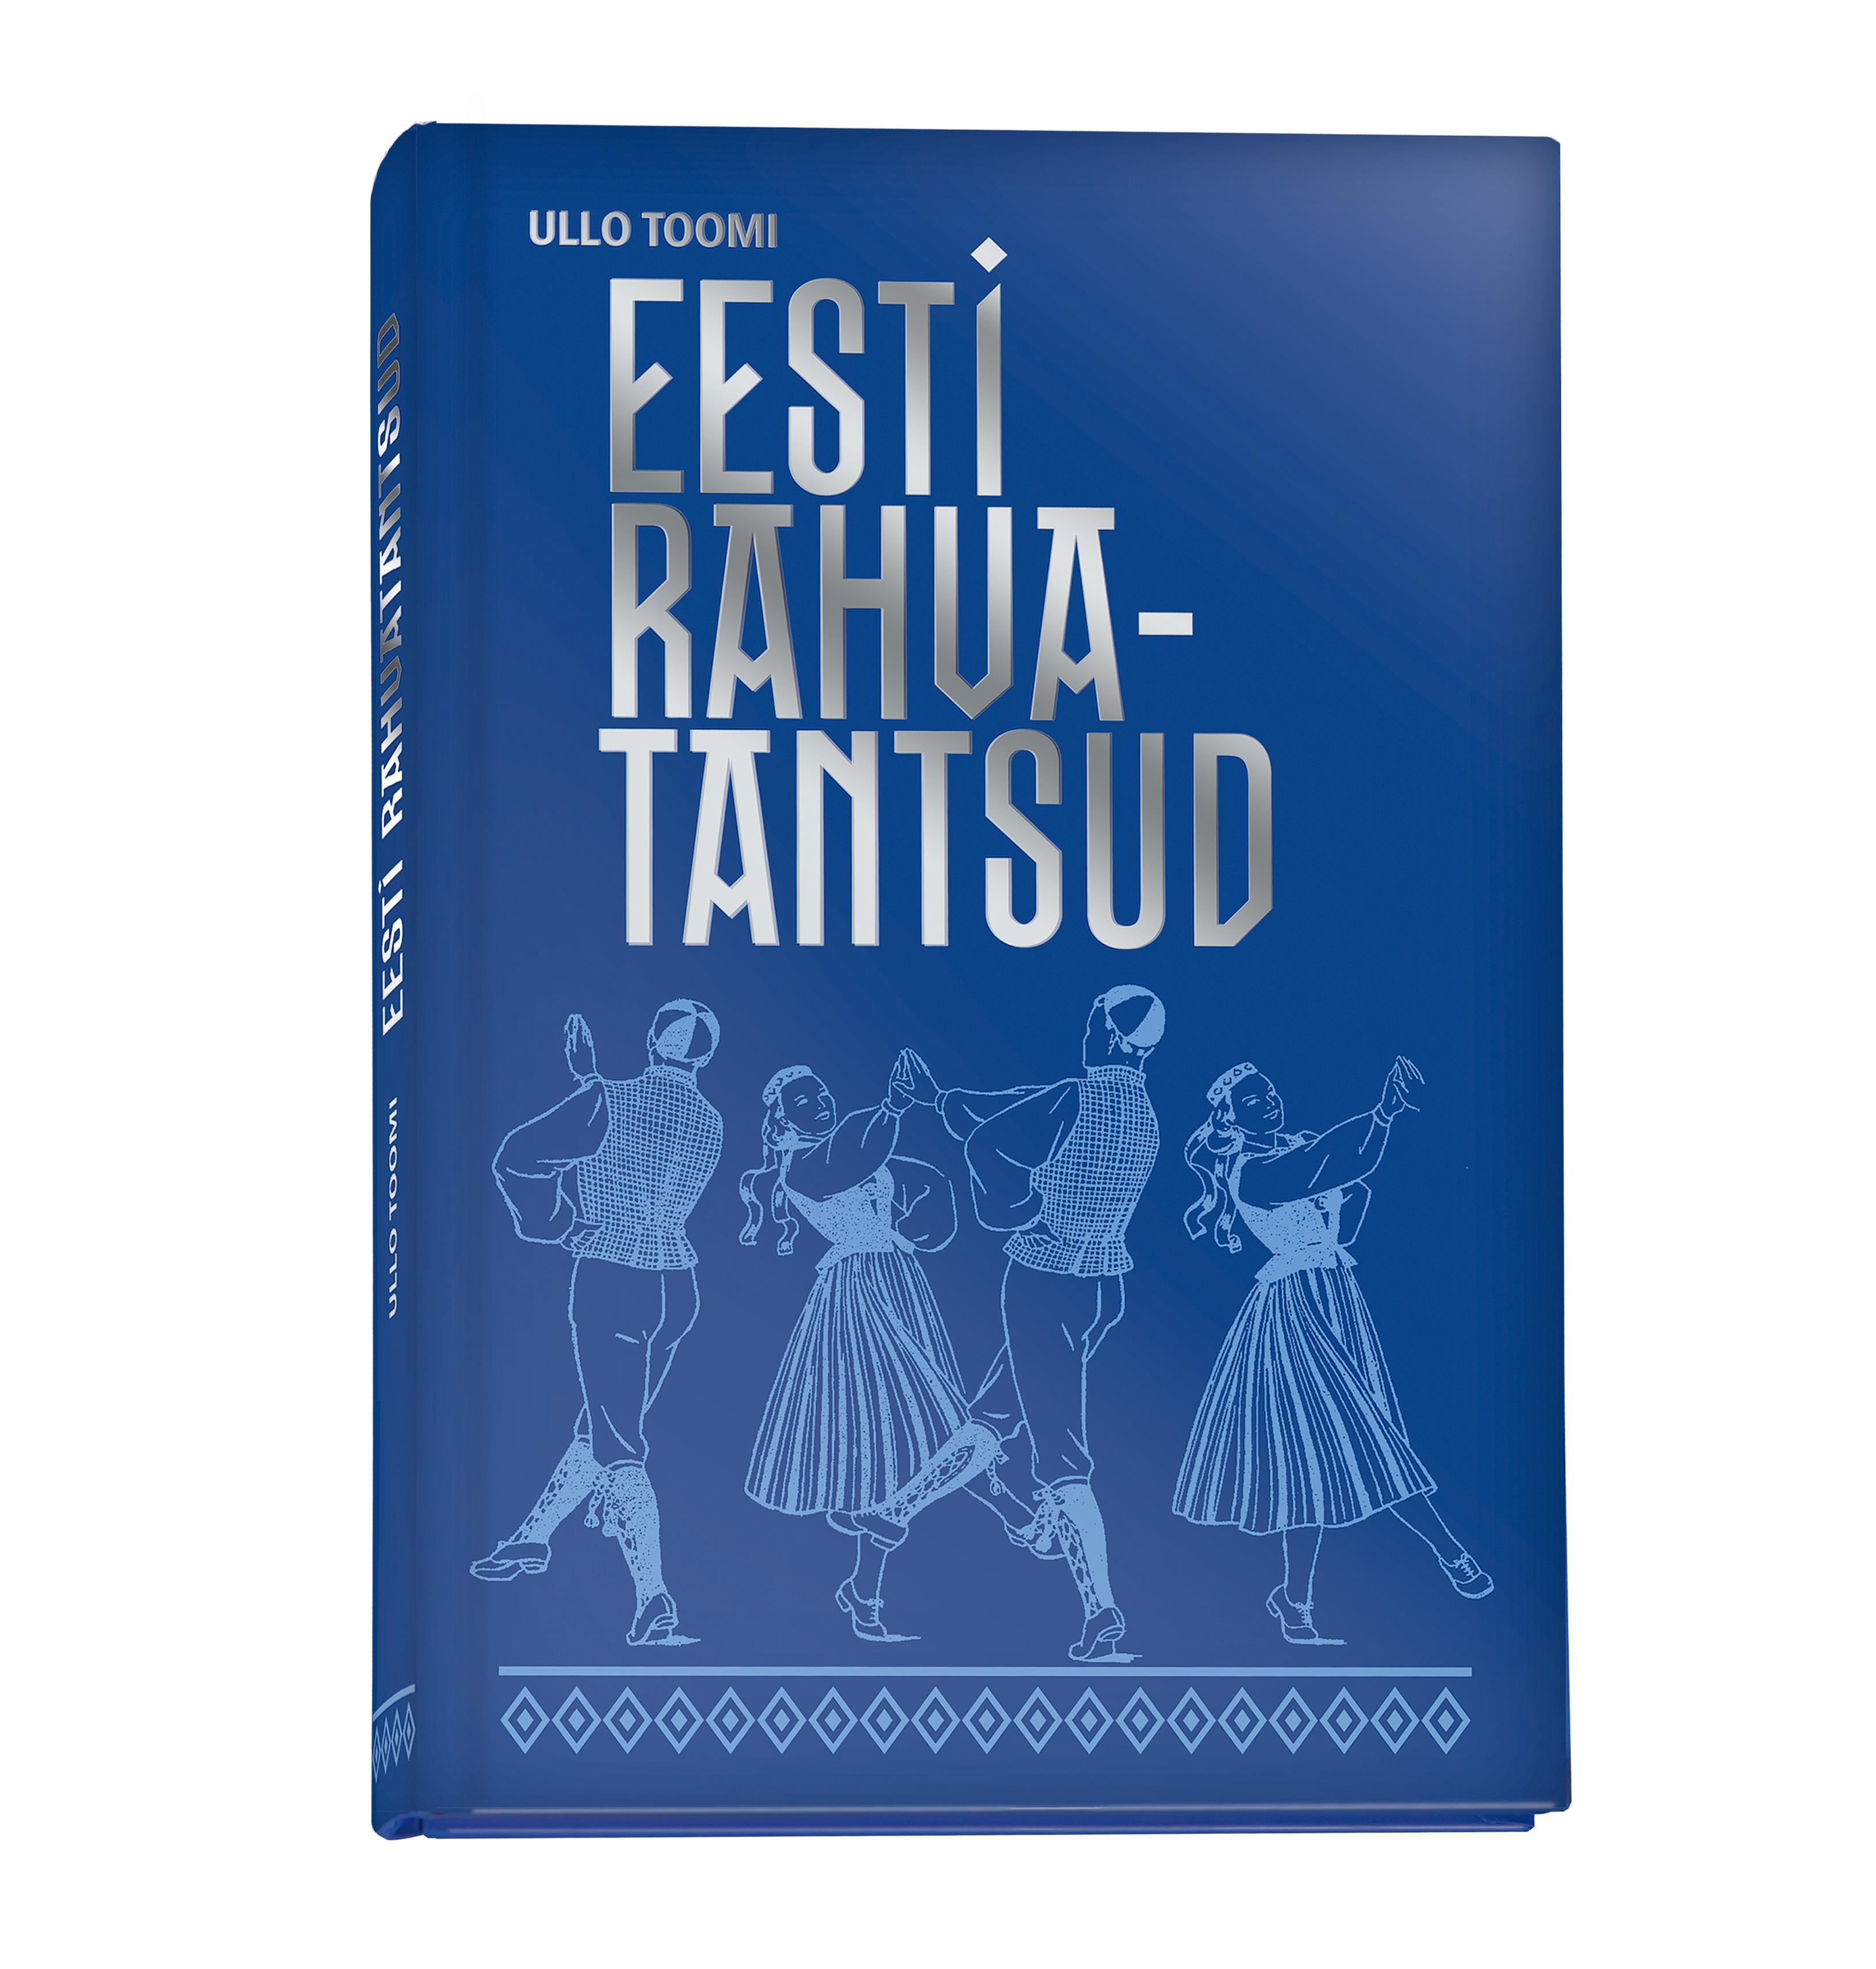 Eesti rahvatantsud